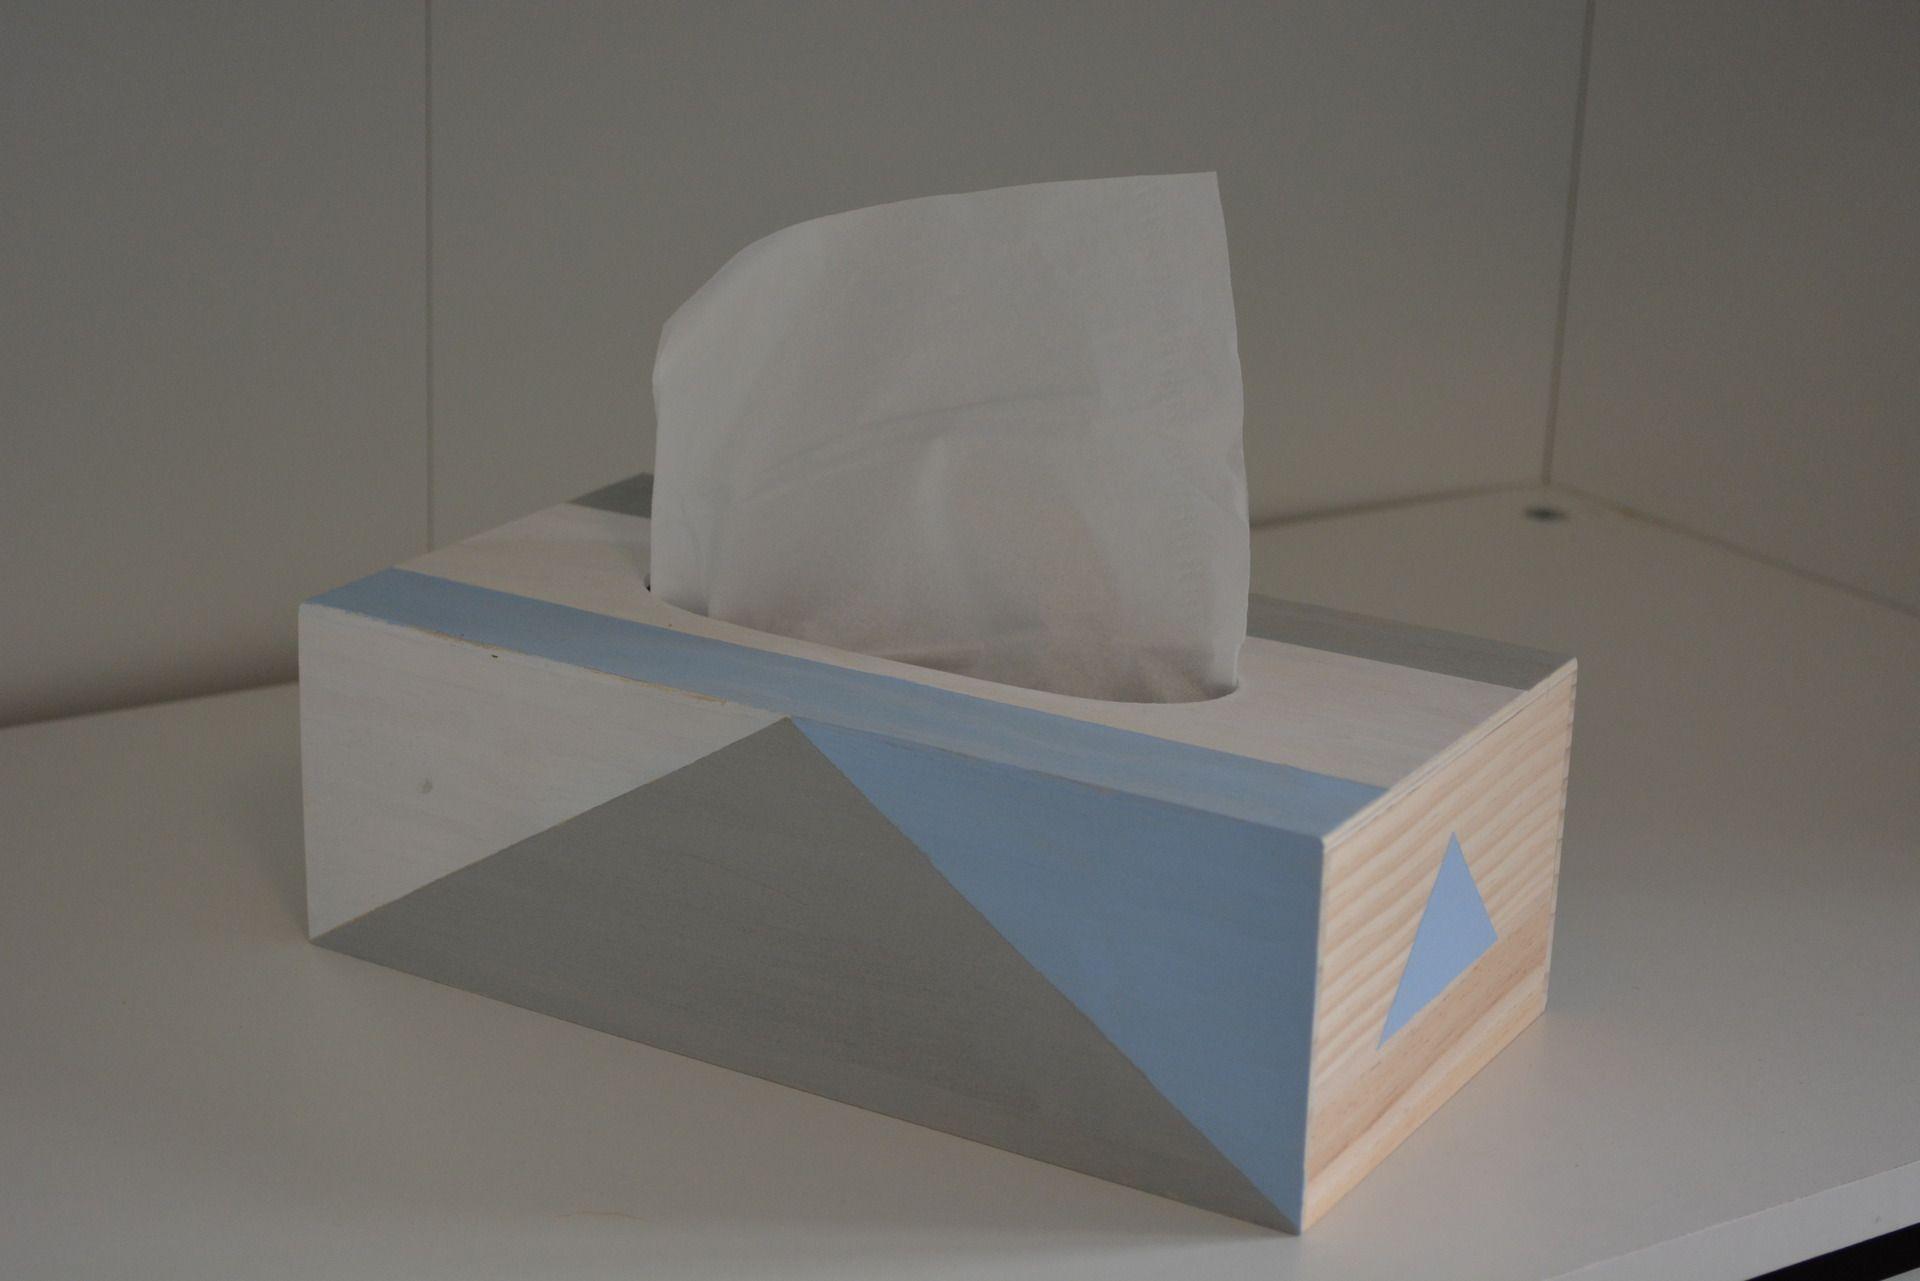 boite a mouchoir design bleu ciel blanc gris accessoires de maison par lae creation lae diy. Black Bedroom Furniture Sets. Home Design Ideas